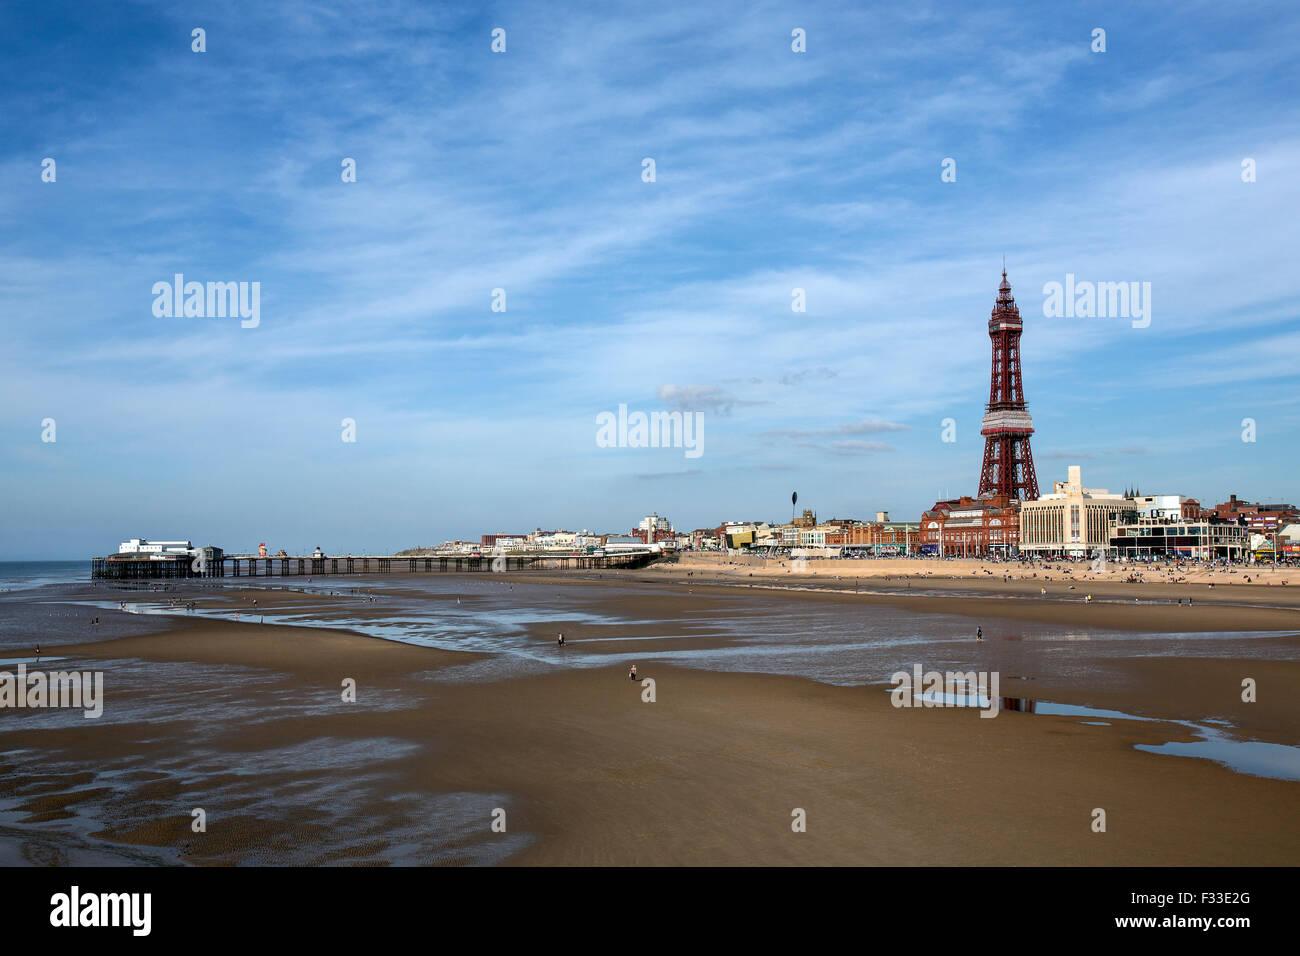 L'ancien de North Pier et Blackpool Tower dans la station balnéaire de Blackpool sur la côte nord Photo Stock